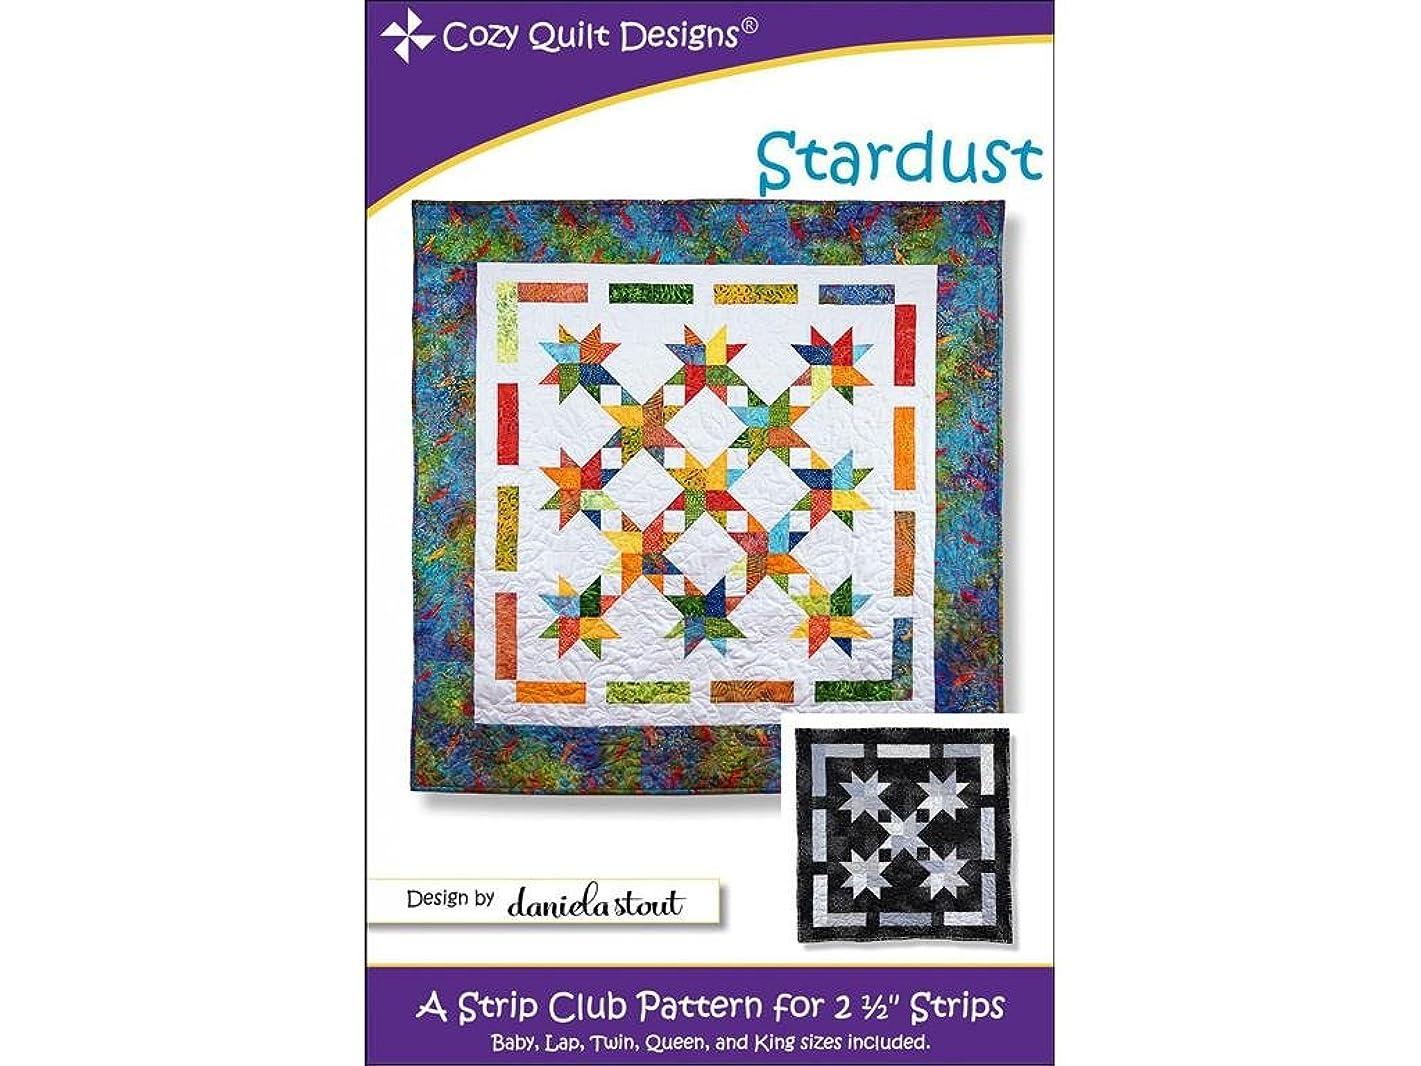 Cozy Quilt Designs Stardust Ptrn